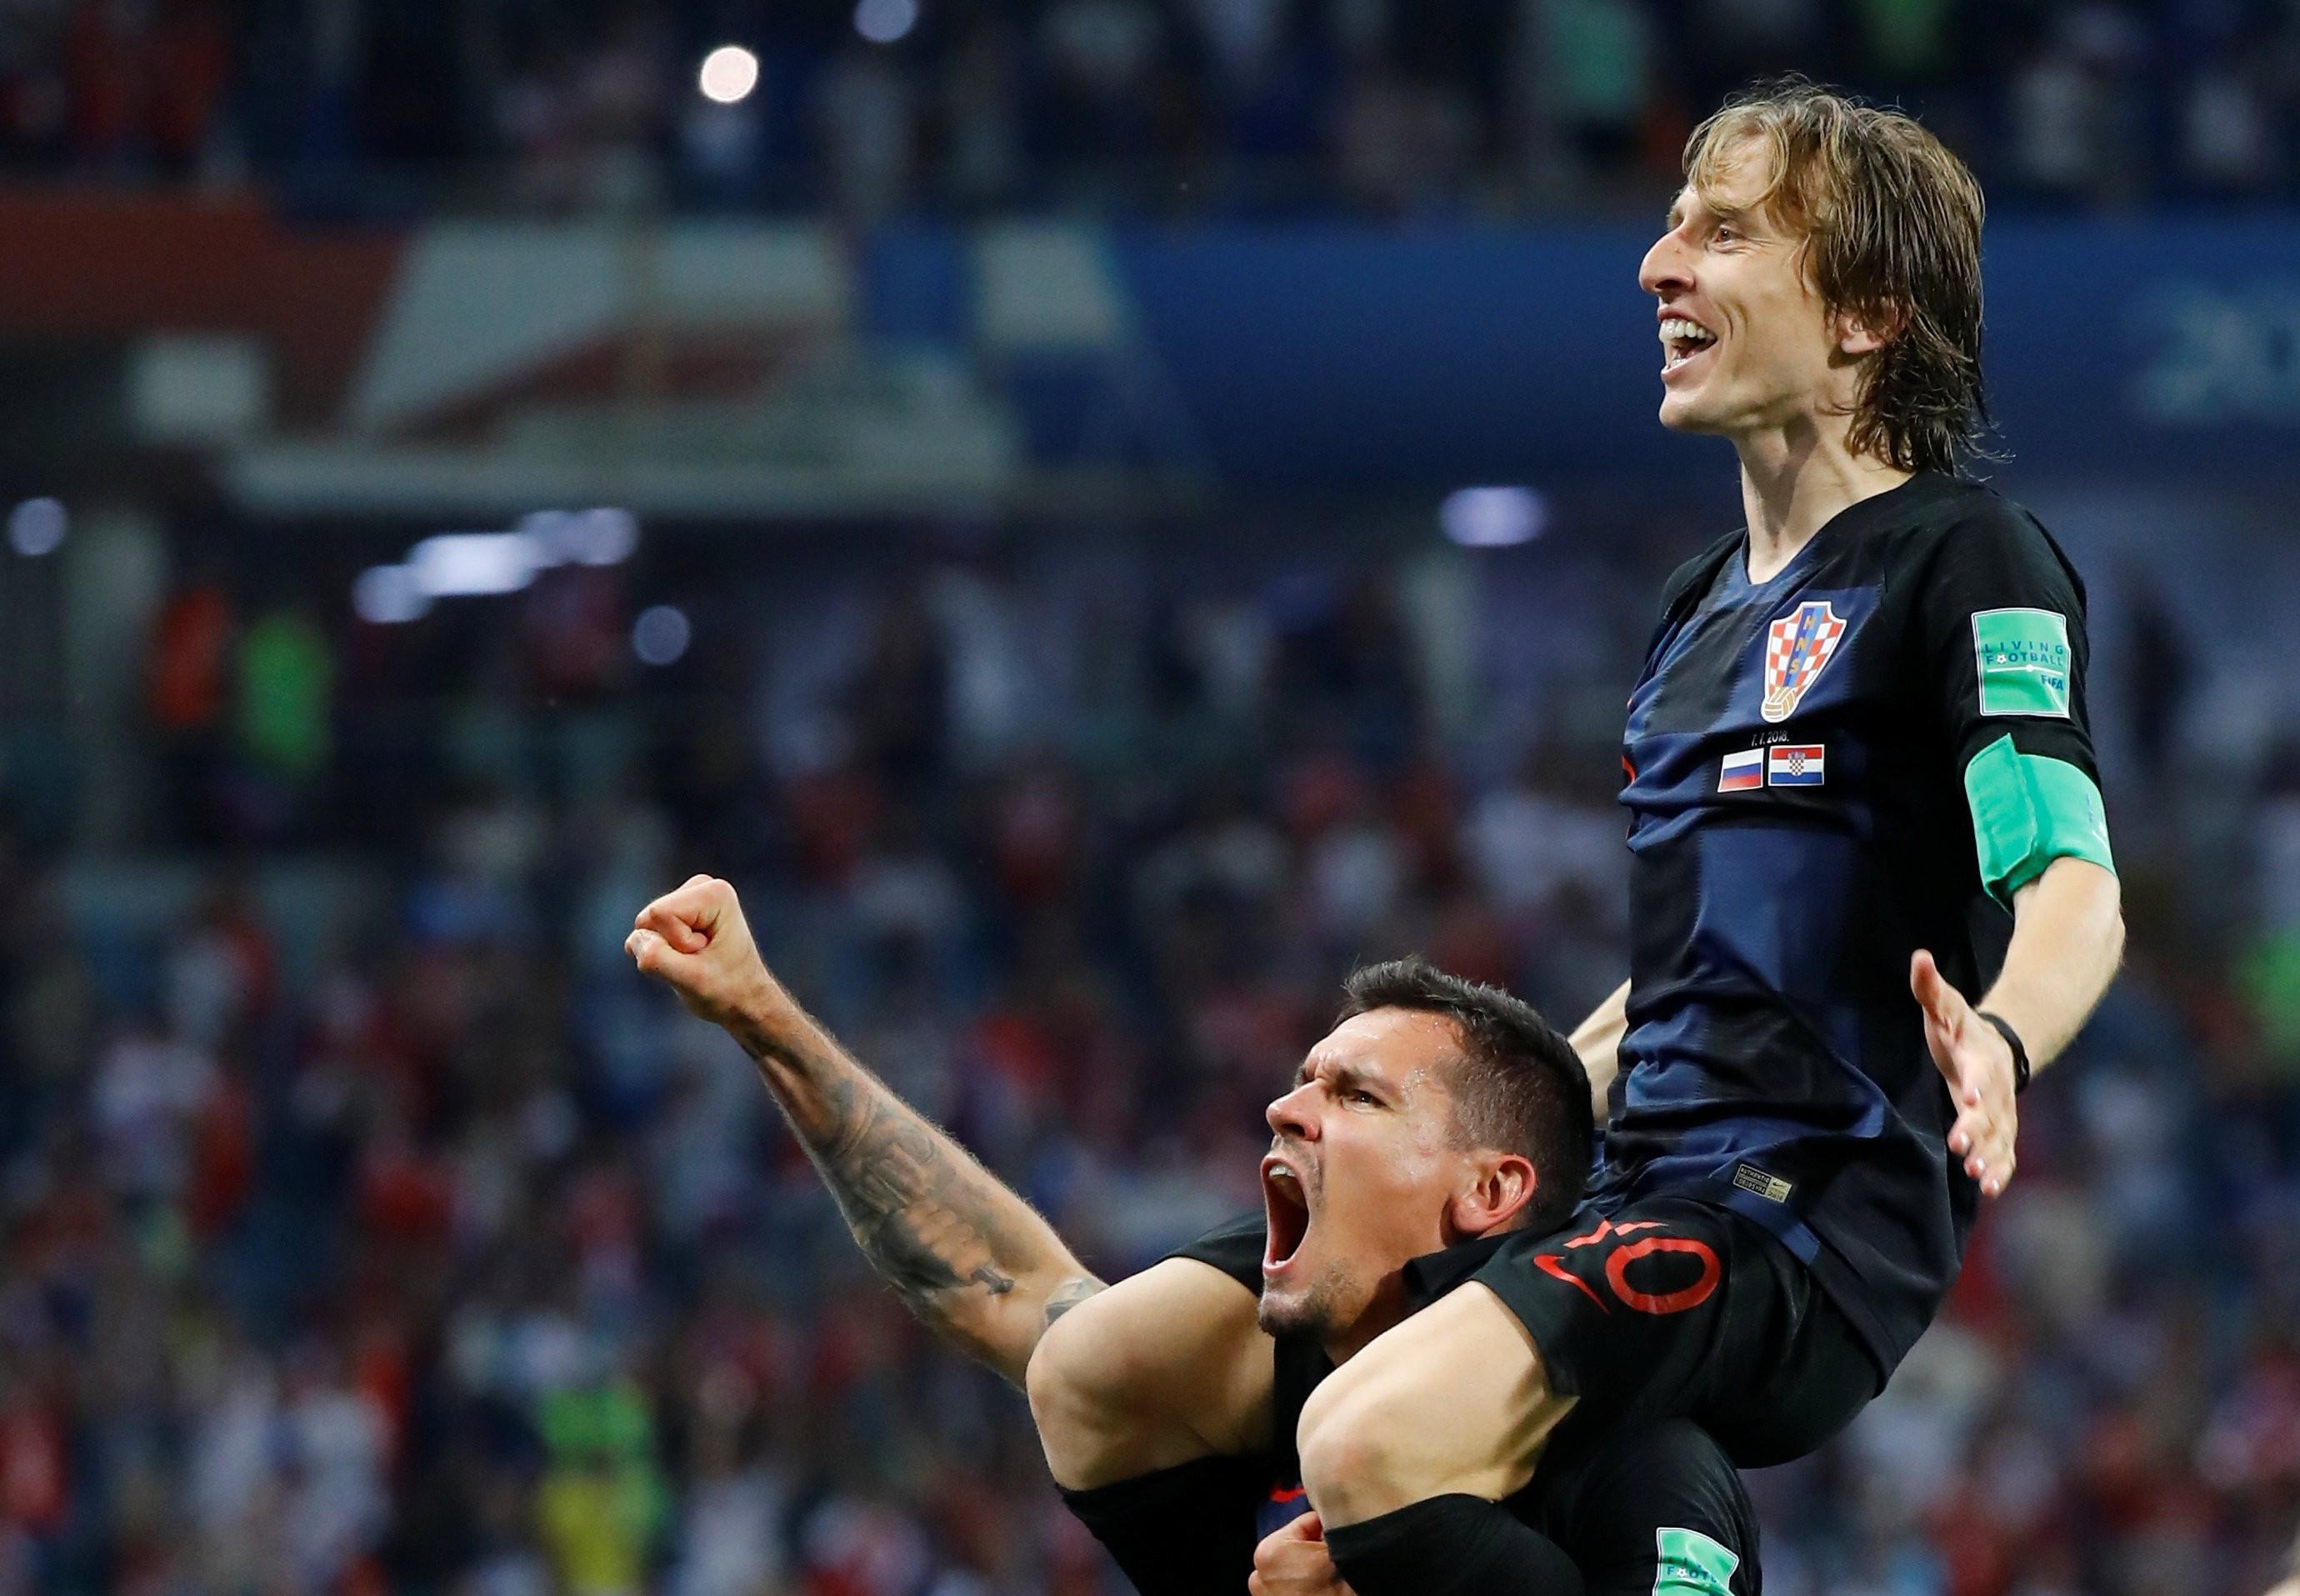 无限渴望!魔笛:我愿用四个欧冠冠军换世界杯冠军